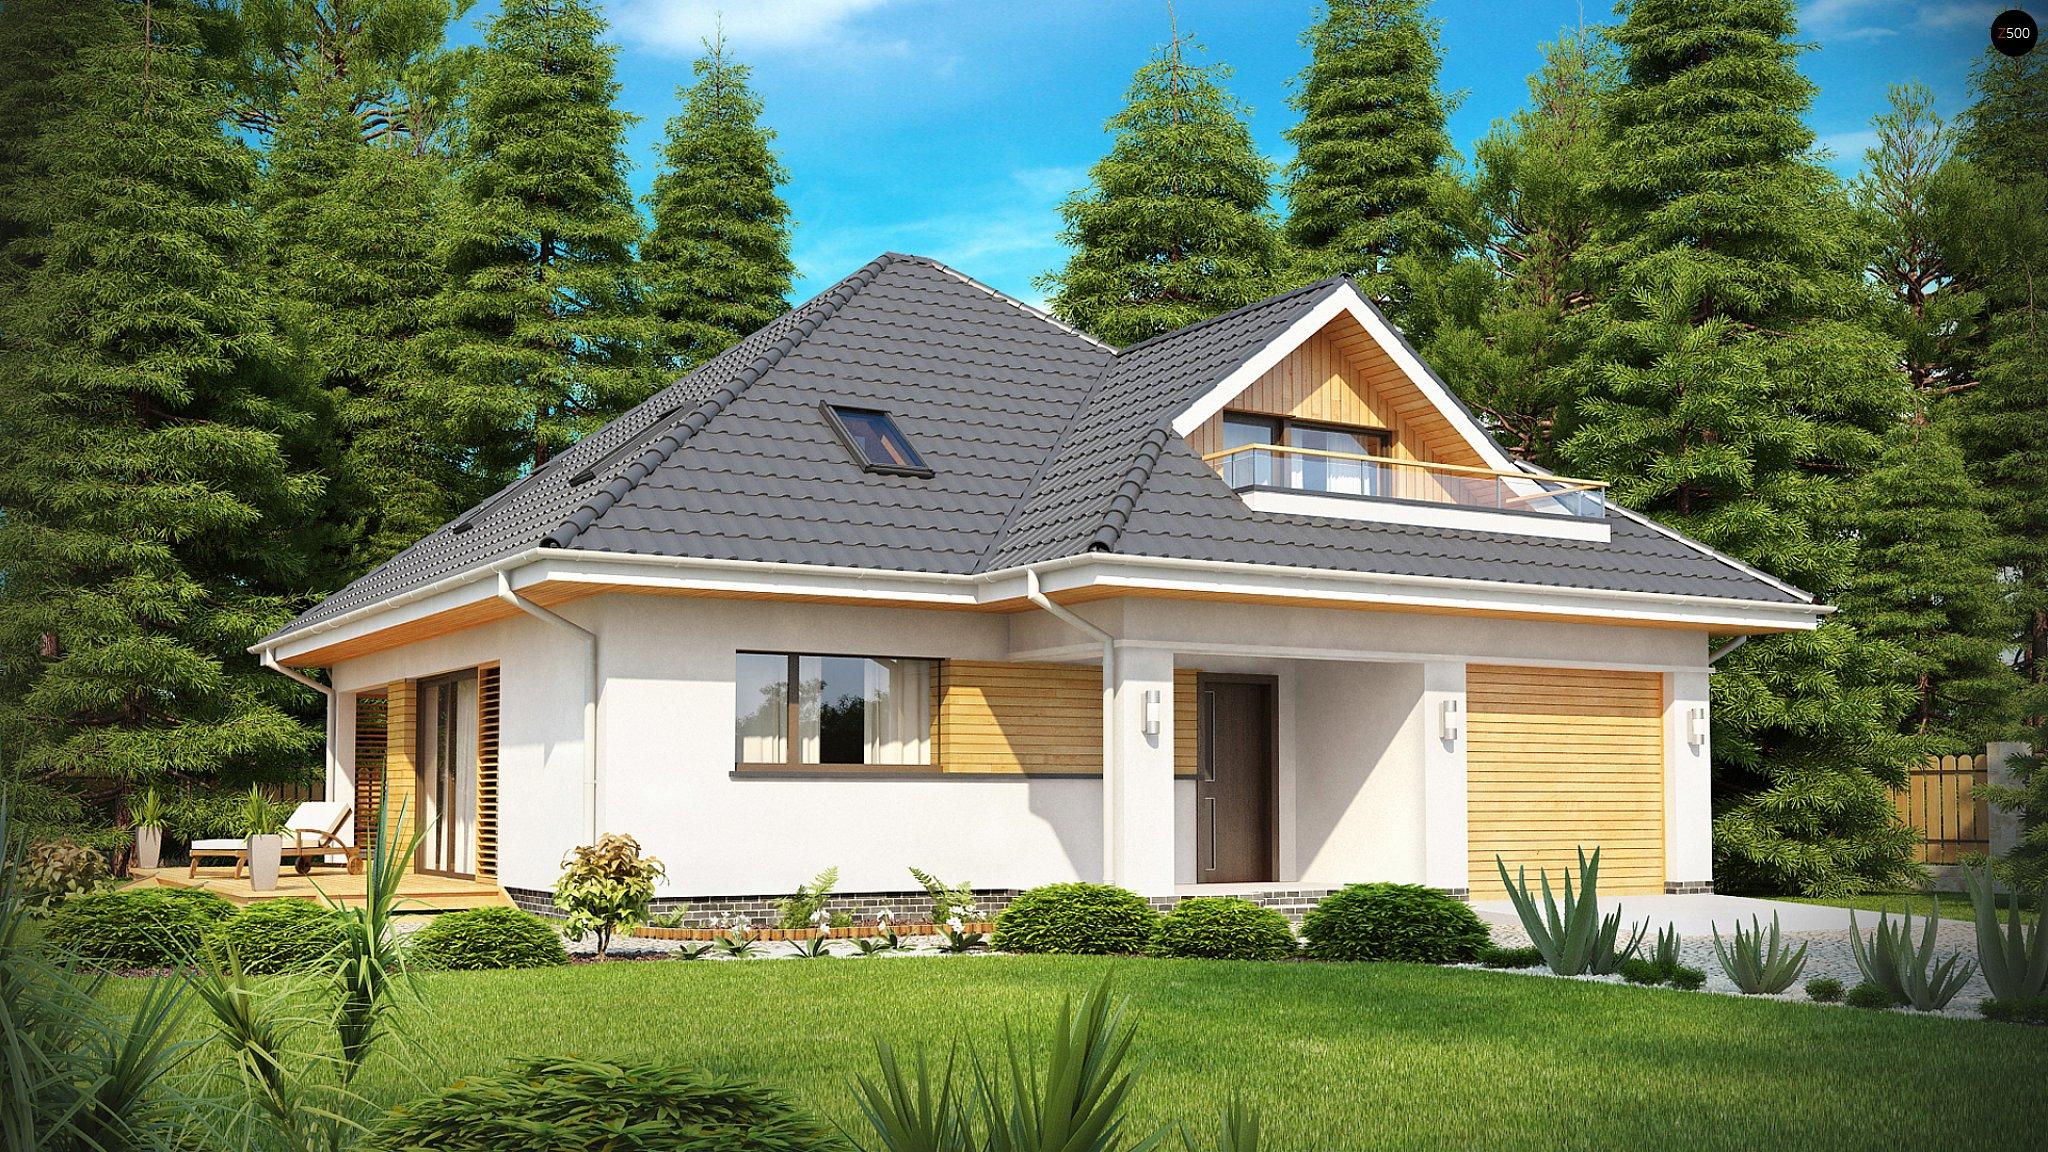 Проекты одноэтажных домов с мансардой скачать бесплатно без .